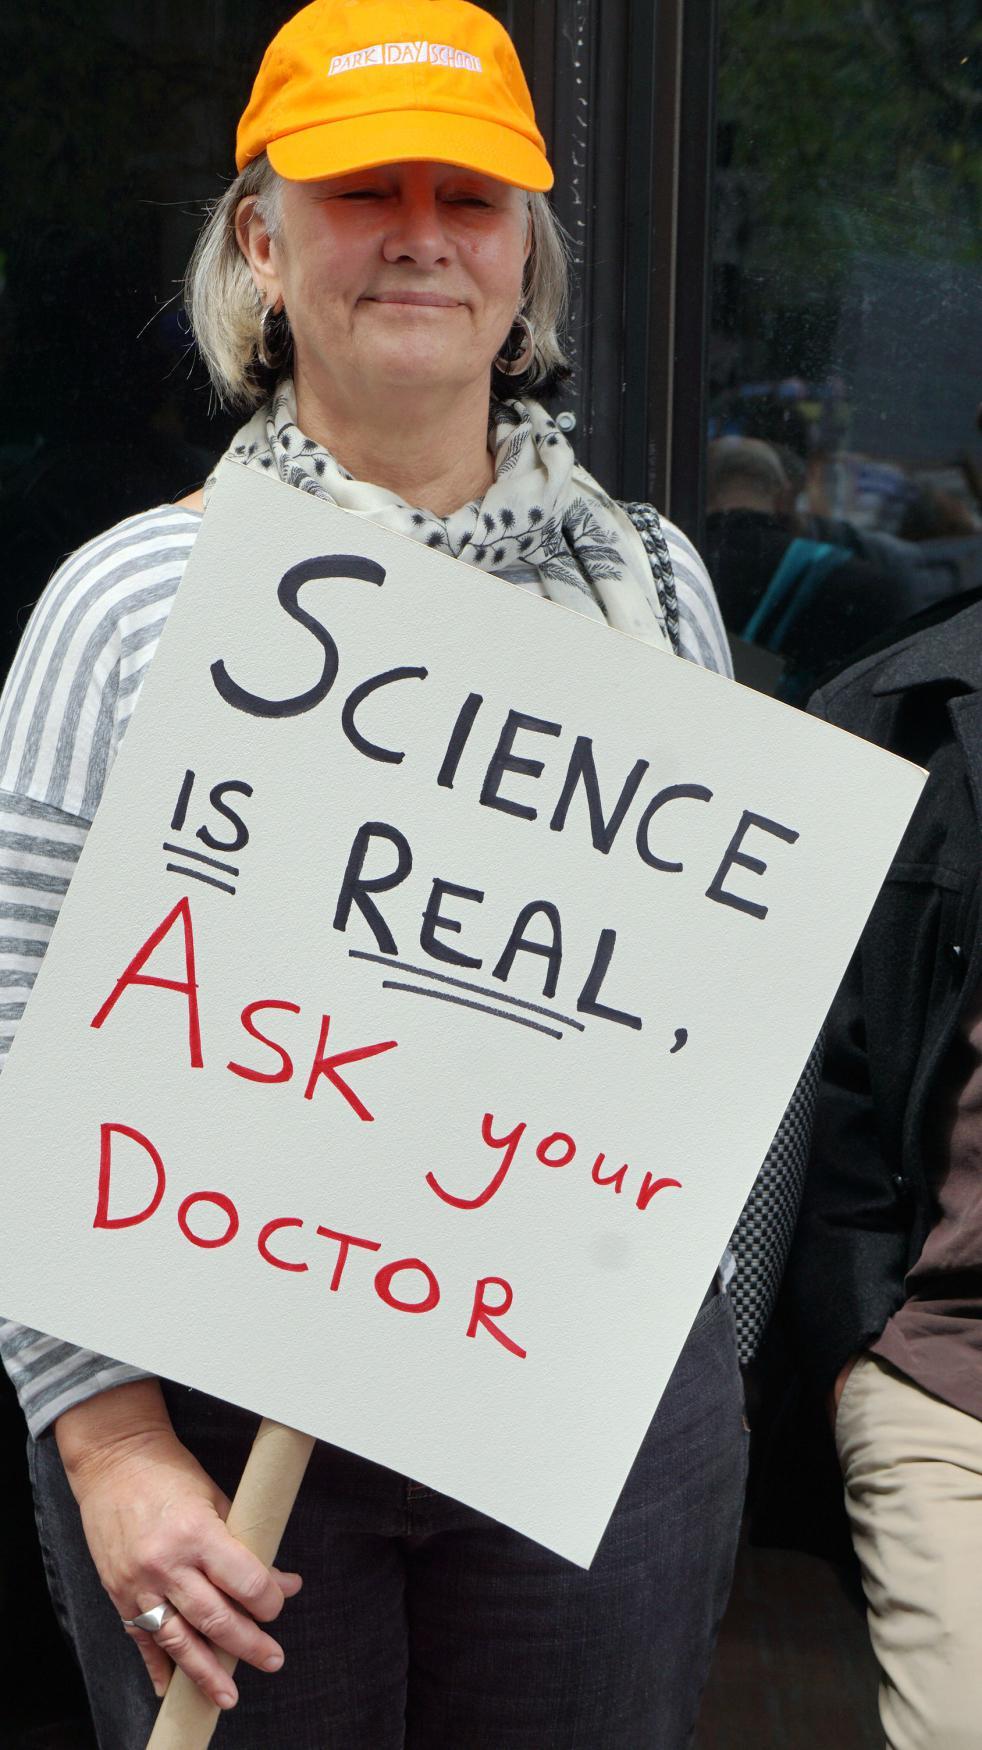 Pochod pro vědu